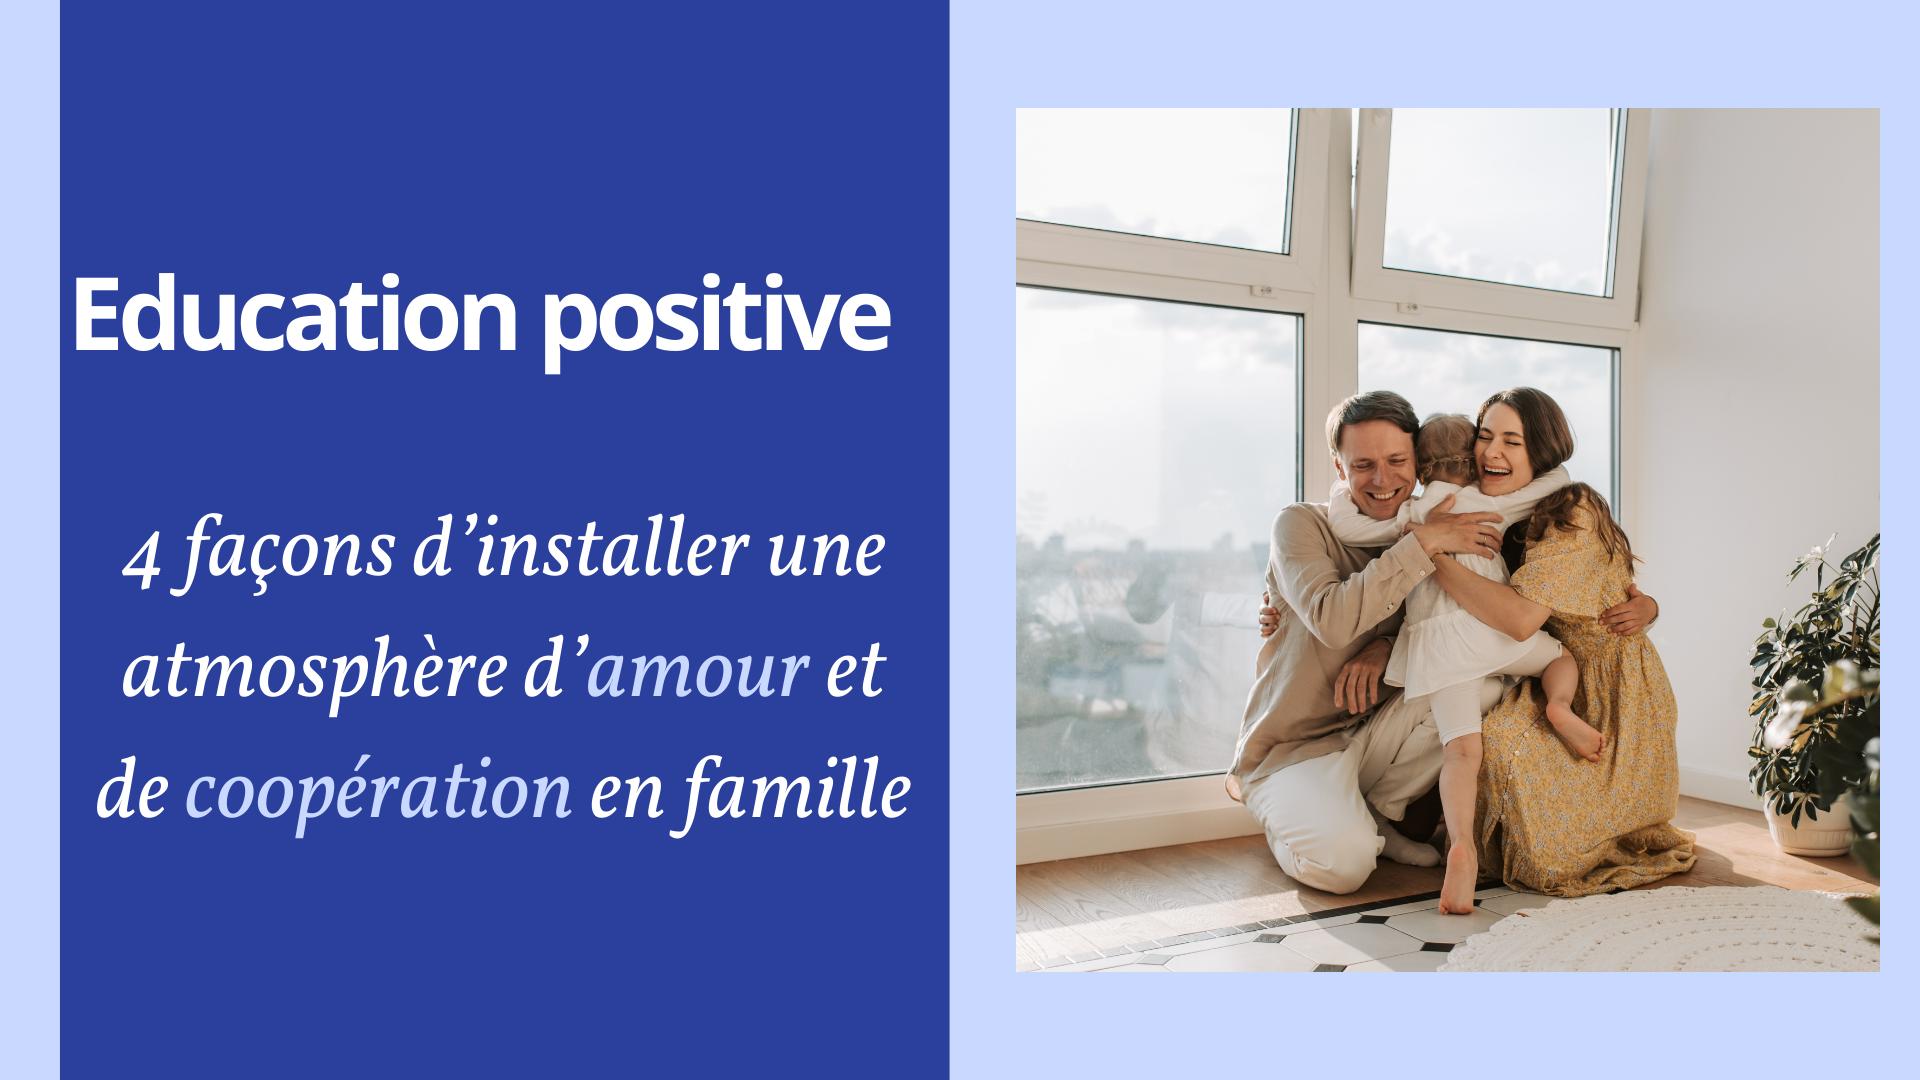 Education positive atmosphère coopération famille